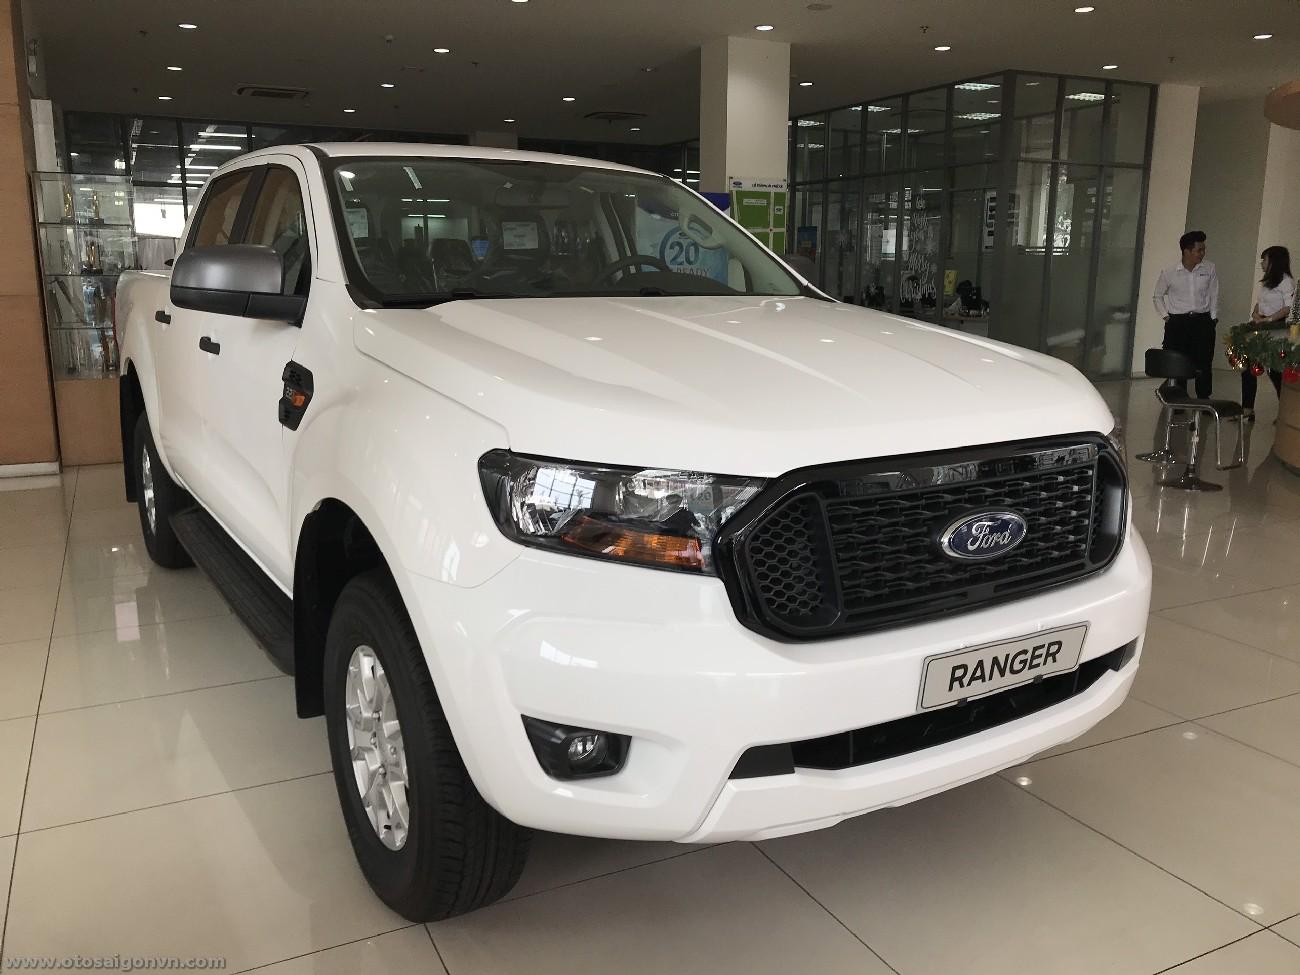 Ford Ranger XLS 2.2L 4x2 AT 2021 1 cầu số tự động mới giao ngay. 11